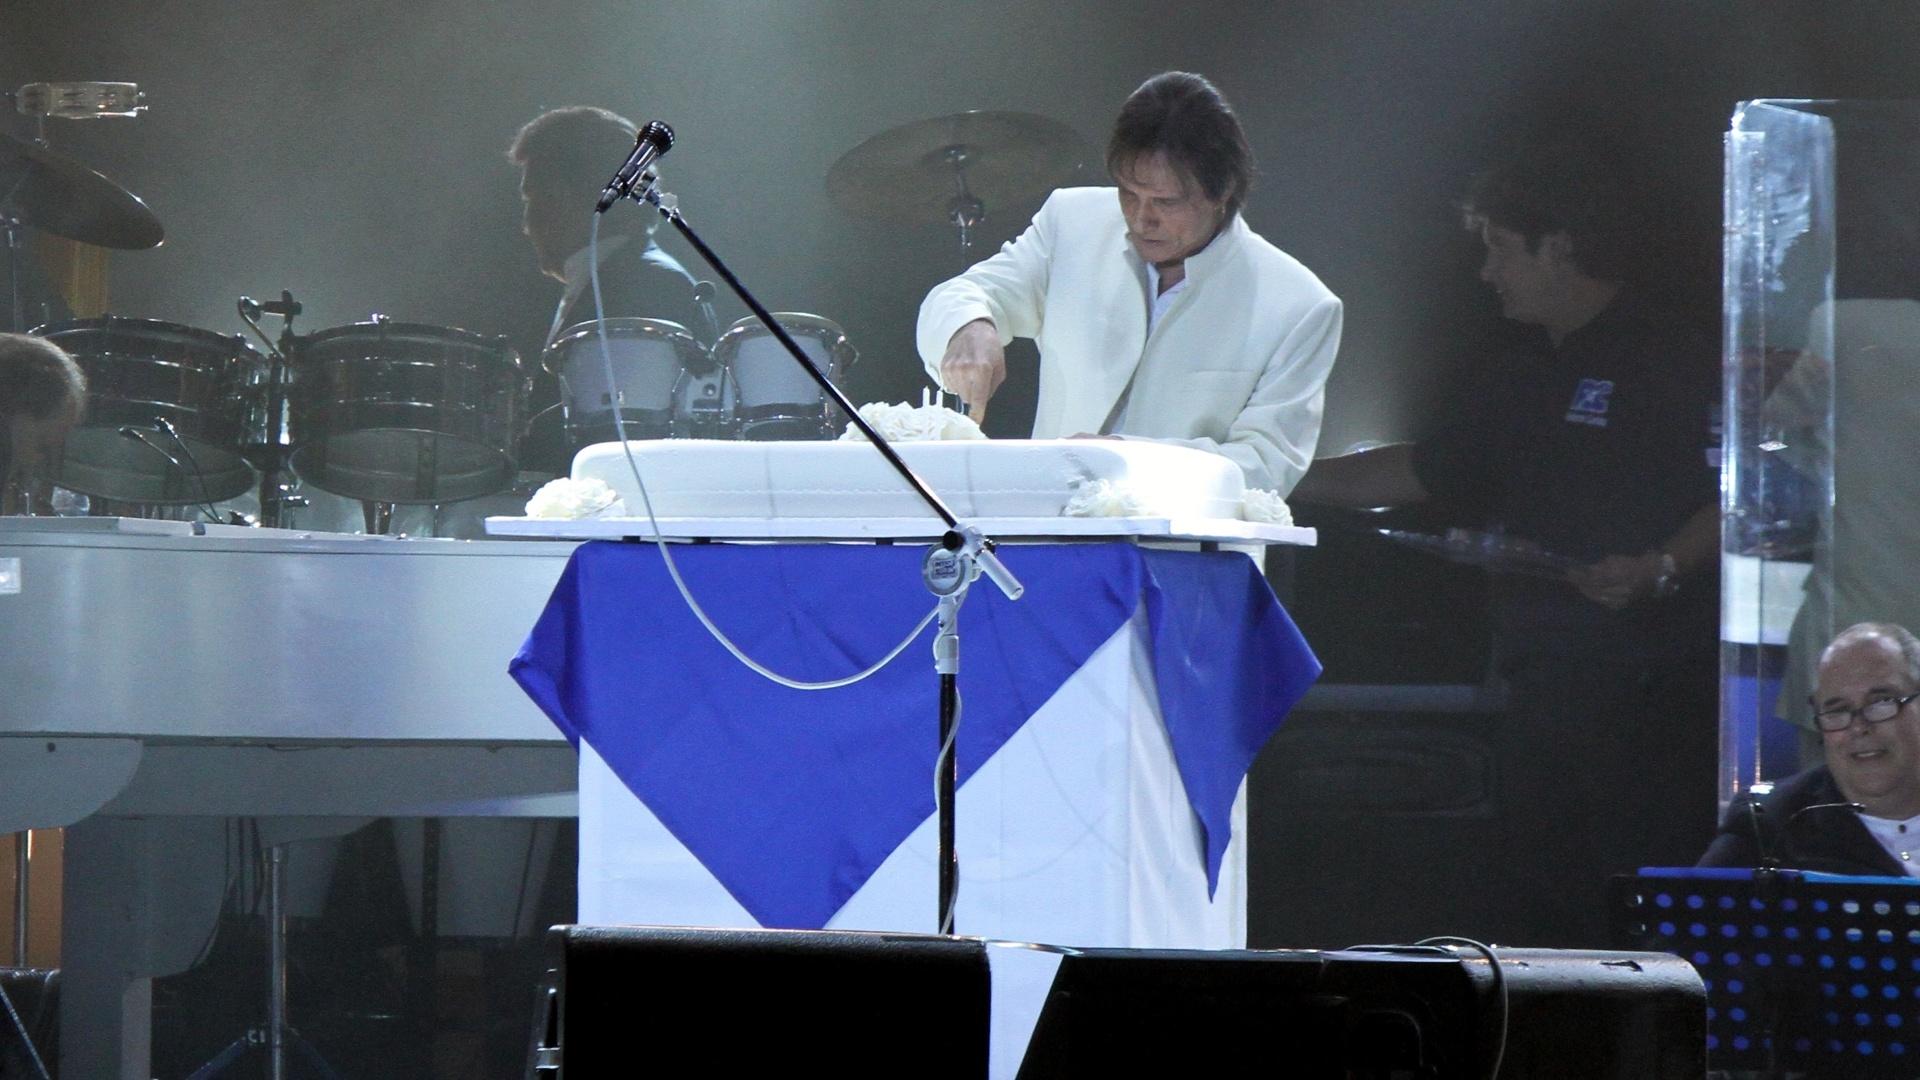 O cantor Roberto Carlos corta bolo de seu aniversário de 71 anos em show no Rio de Janeiro (19/4/12)